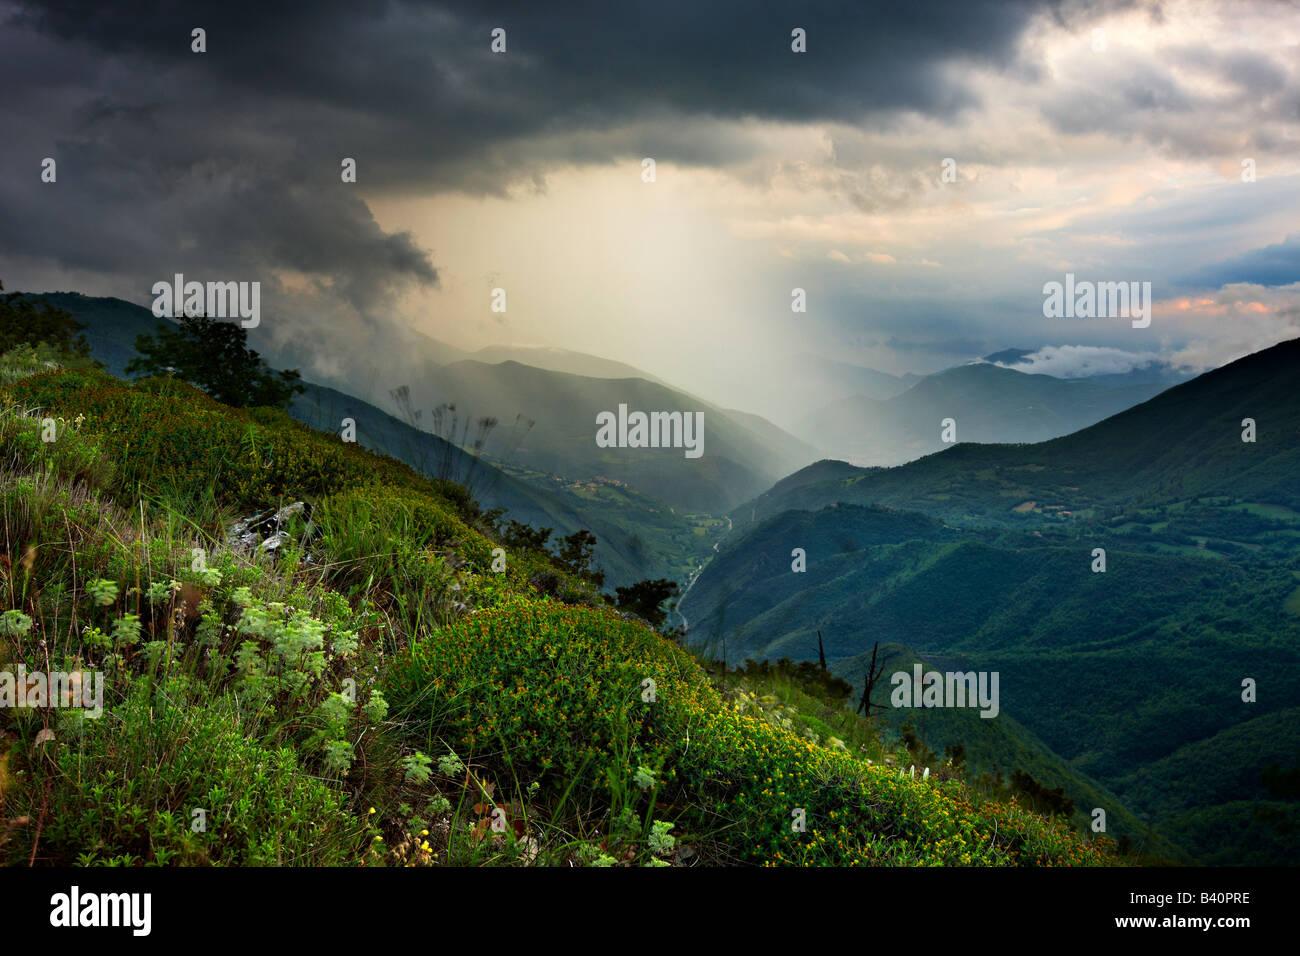 Una tempesta di primavera in Valnerina vicino a Meggiano, Umbria, Italia Immagini Stock